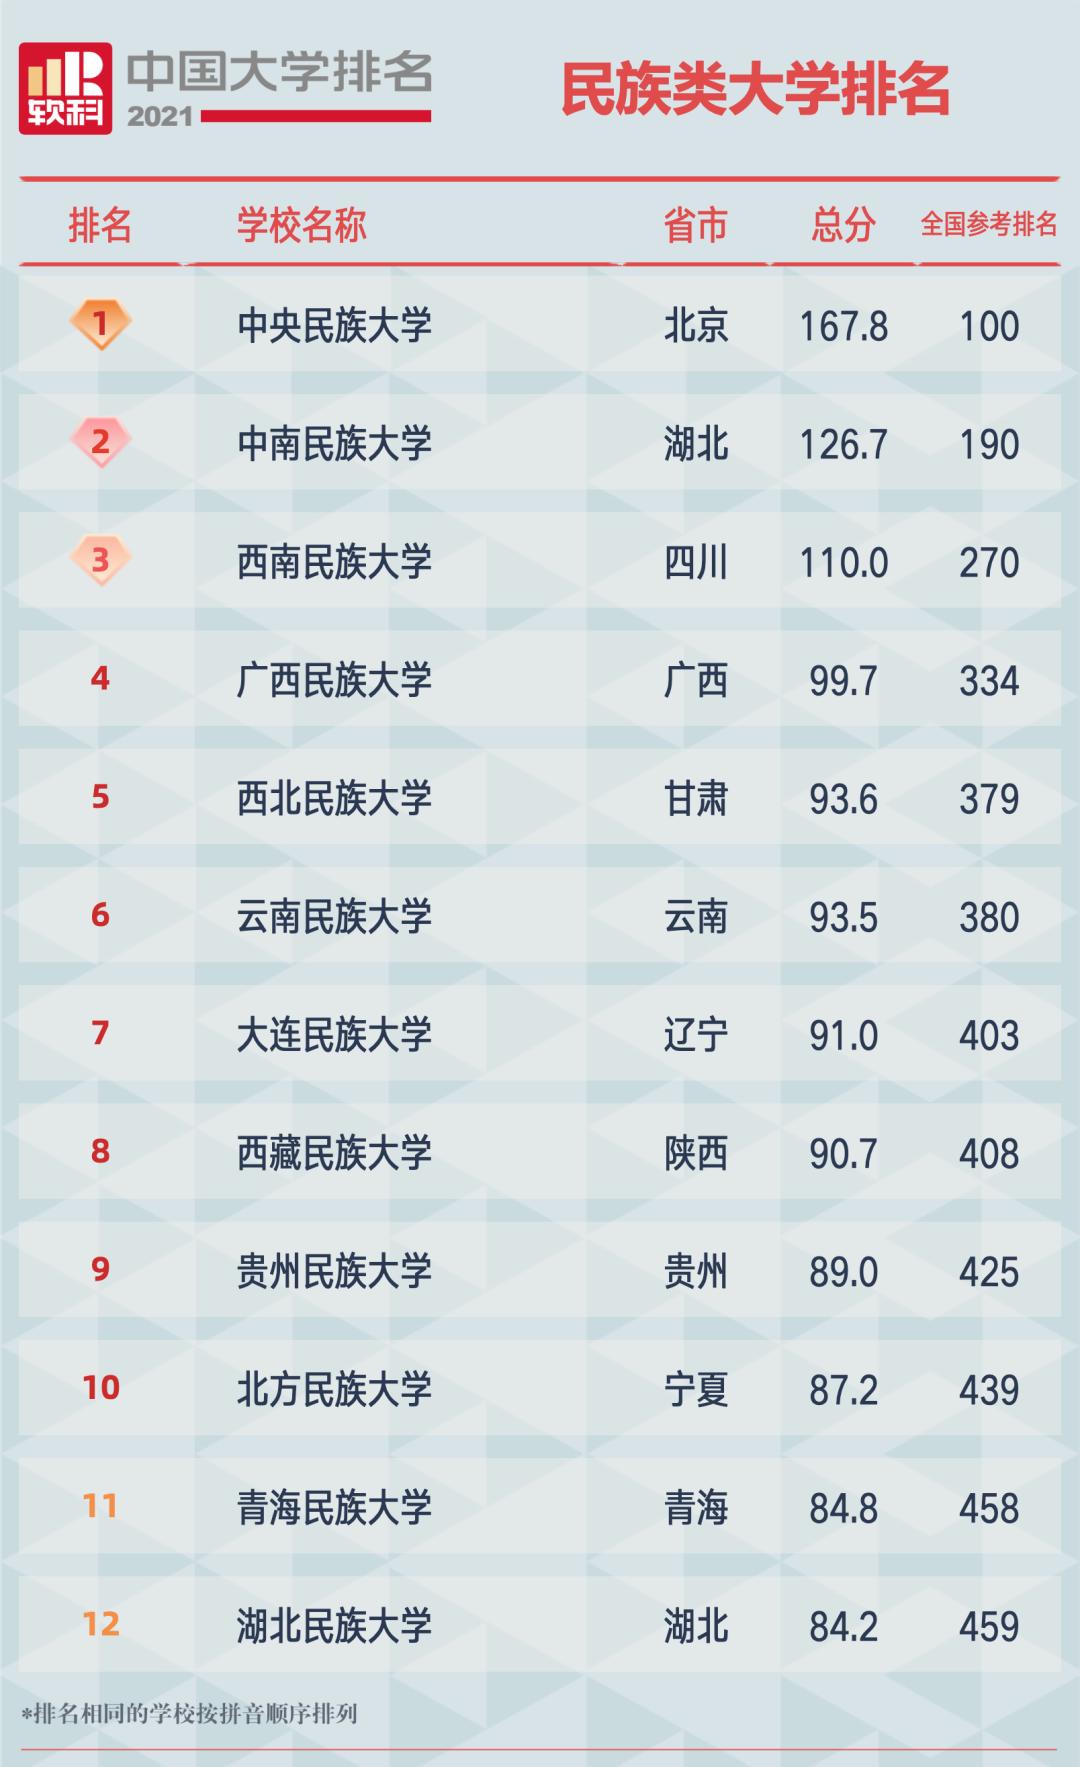 2021软科中国民族类大学排名榜单